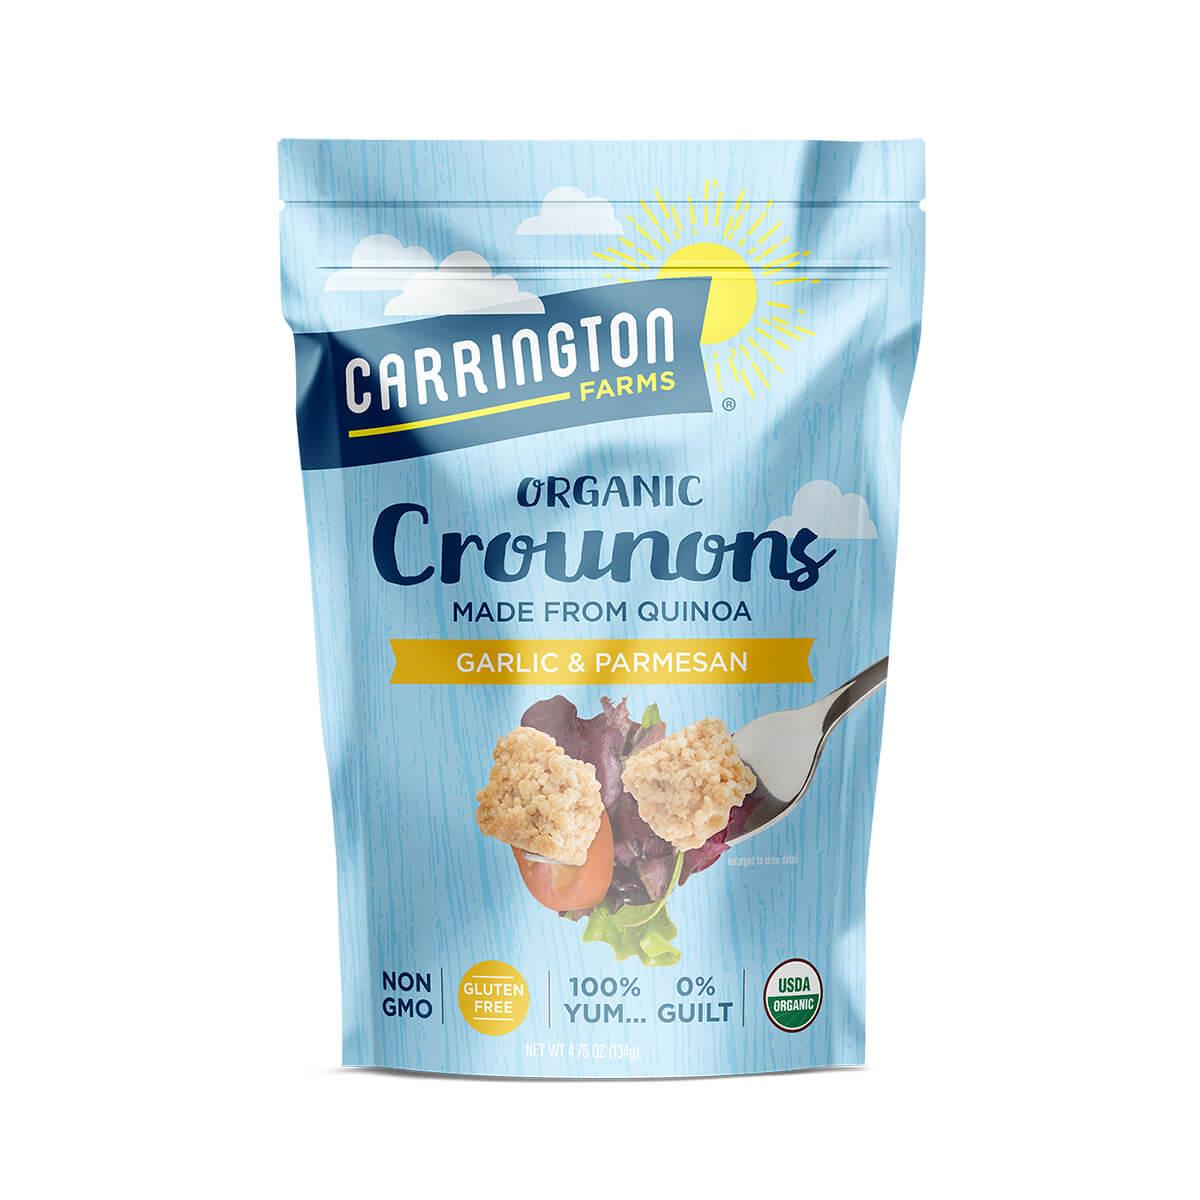 Carrington Farms Garlic & Parmesan Crounons, front of bag, made from quinoa, non gmo, gluten free